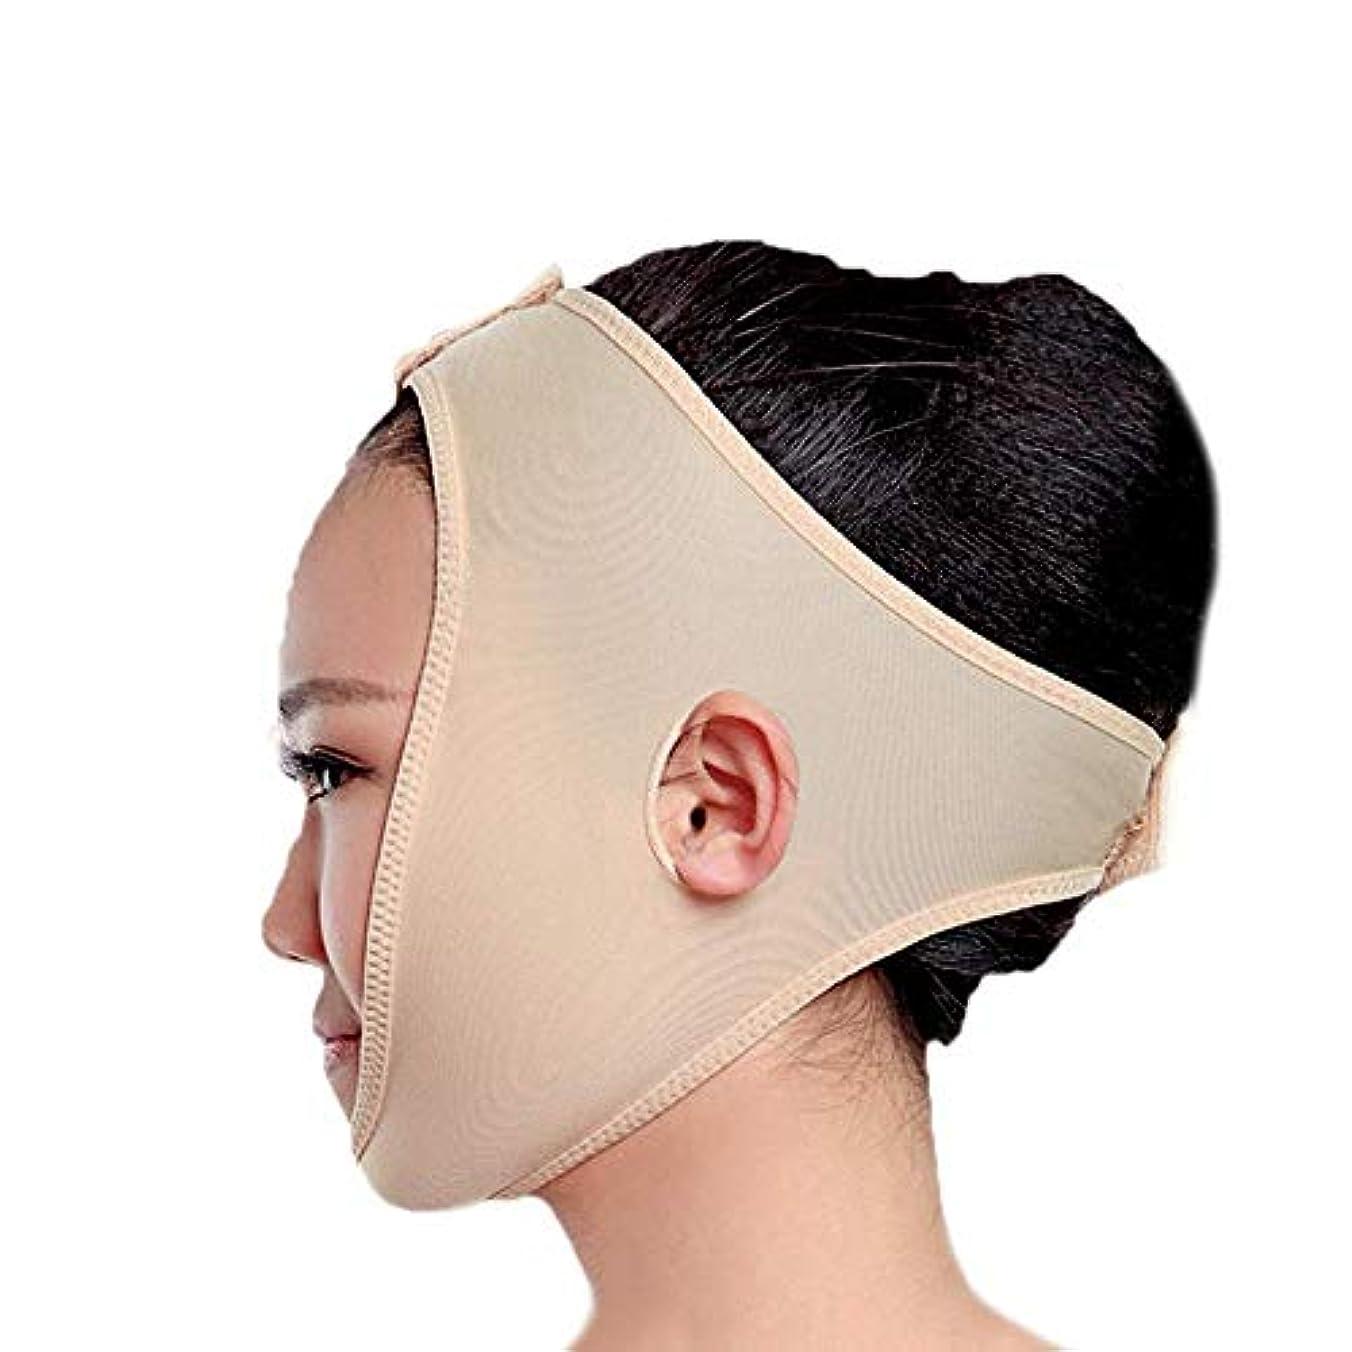 驚確かめるお金ゴムフェイススリミングマスク、快適さと通気性、フェイシャルリフティング、輪郭の改善された硬さ、ファーミングとリフティングフェイス(カラー:ブラック、サイズ:XL),黄色がかったピンク2、M